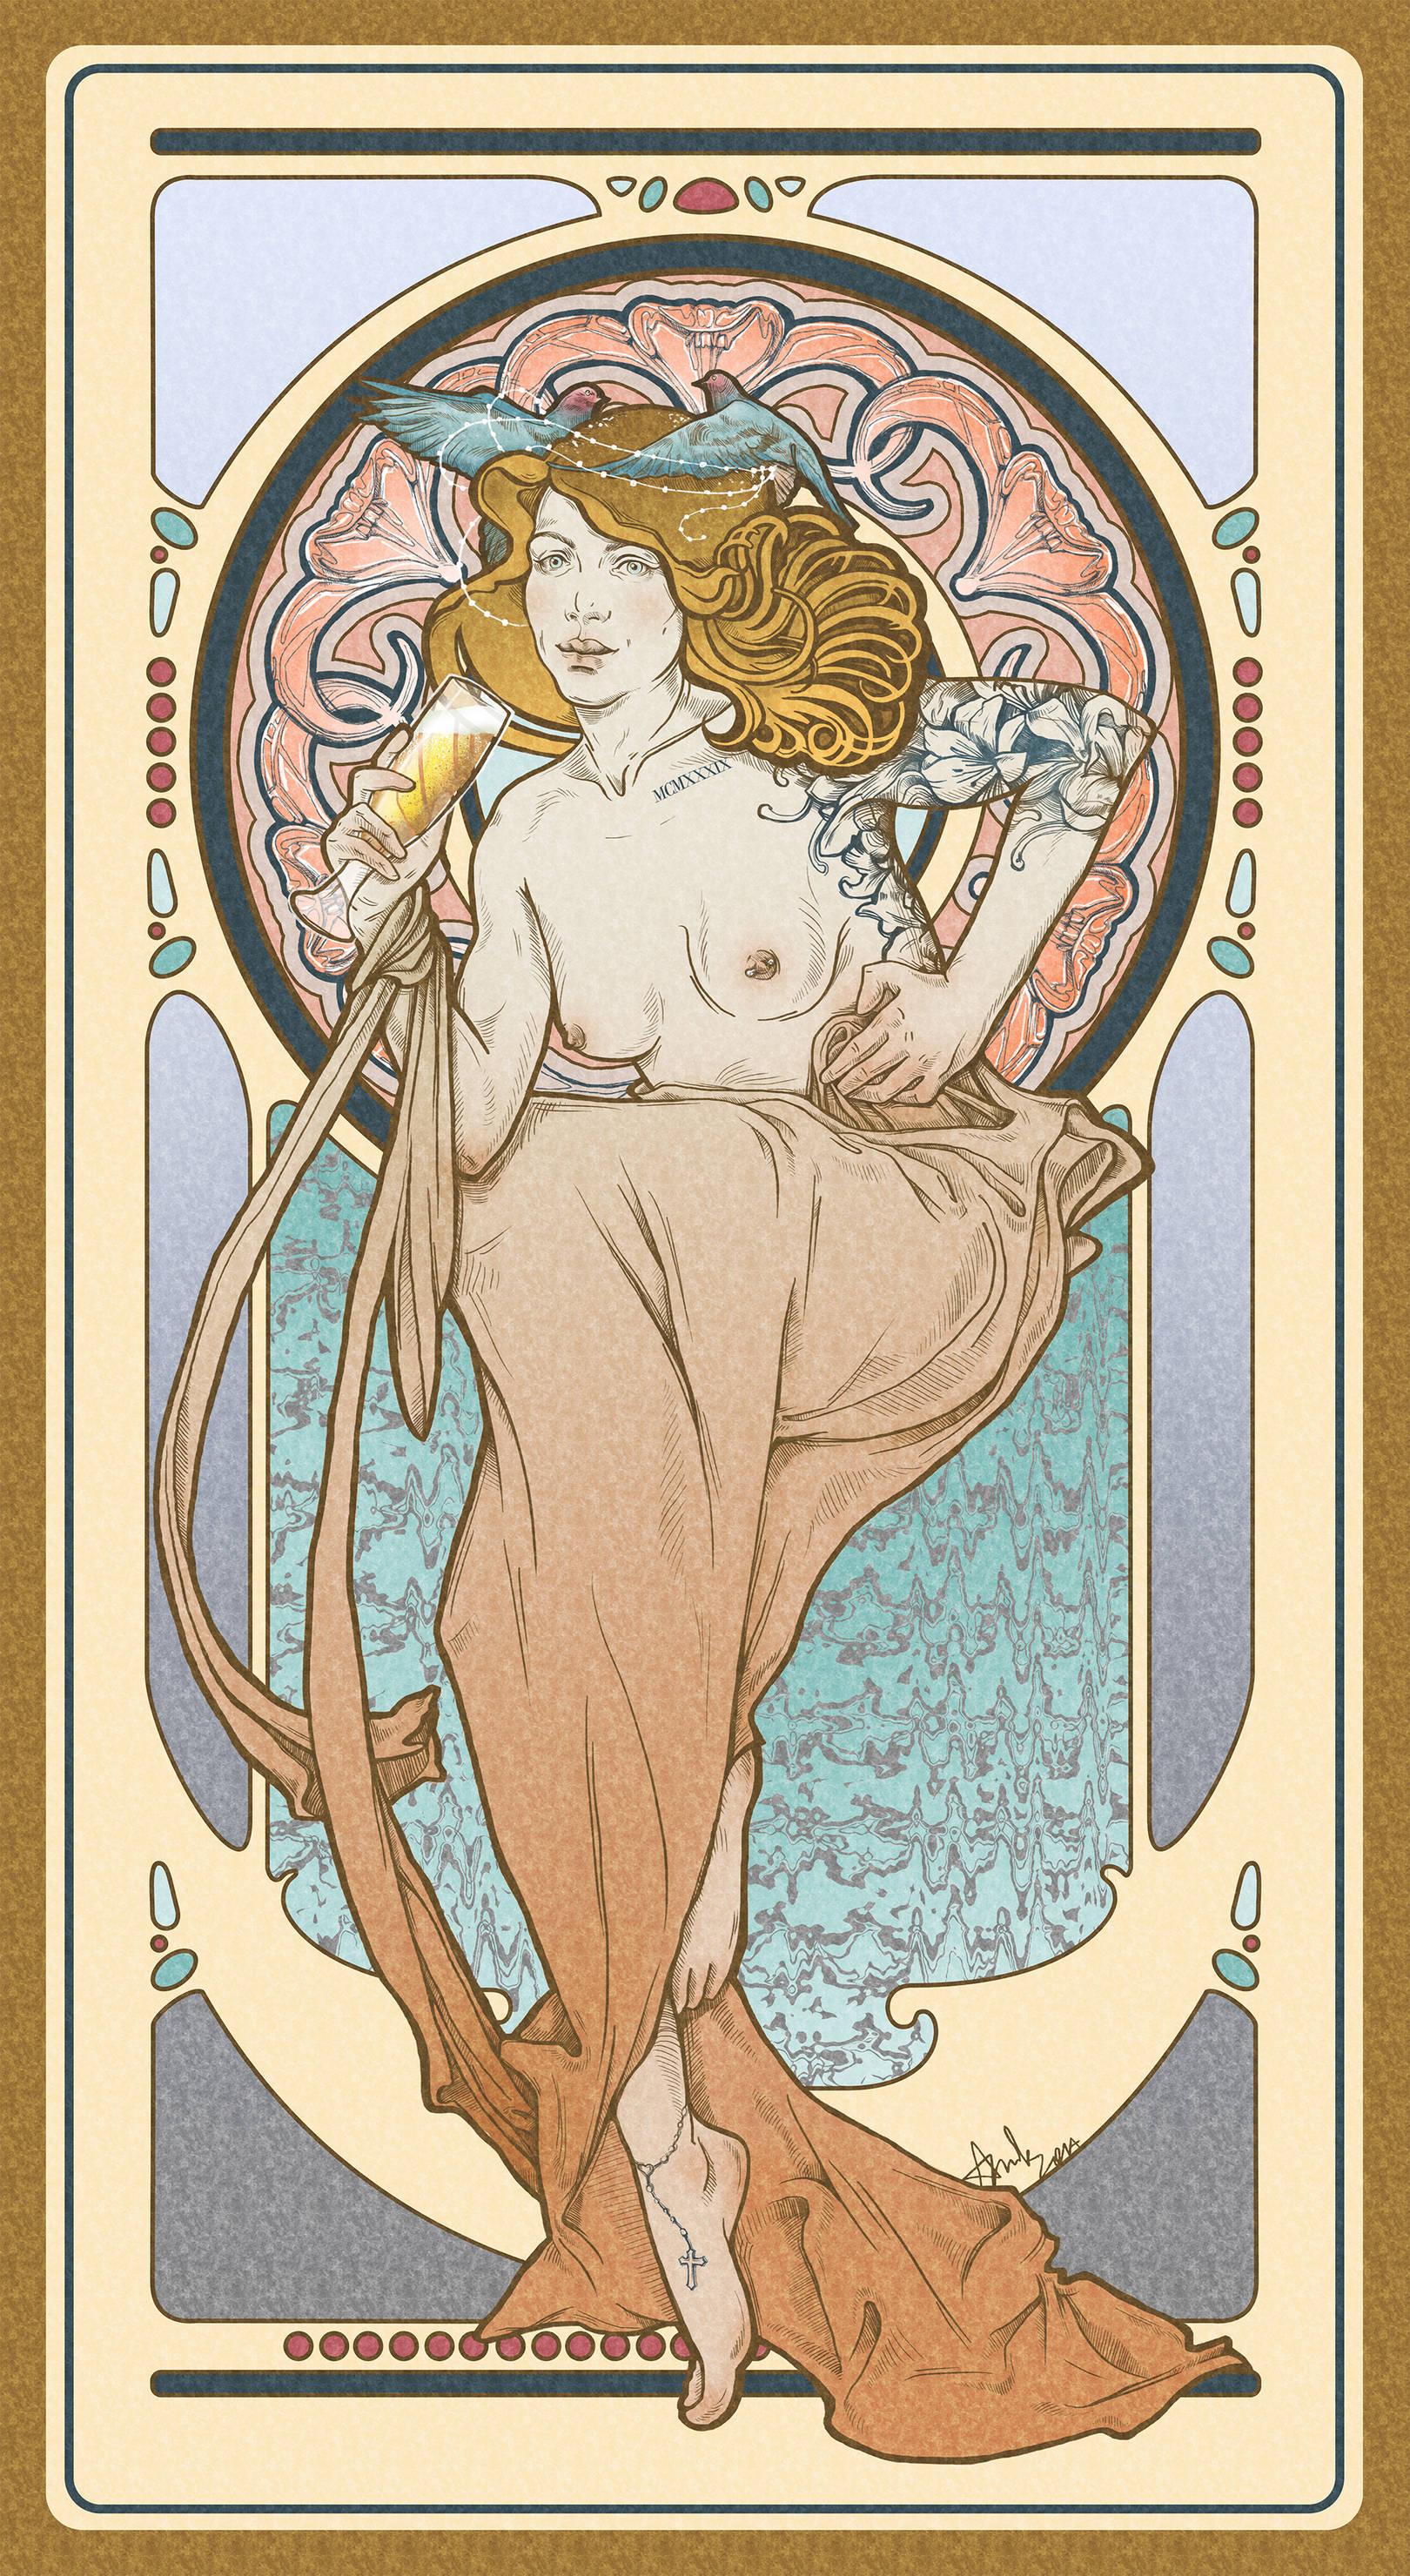 Стилизация под творчество Альфонса Мухи, иллюстрация изображает Чехию, если бы она была человеком (по моей версии).